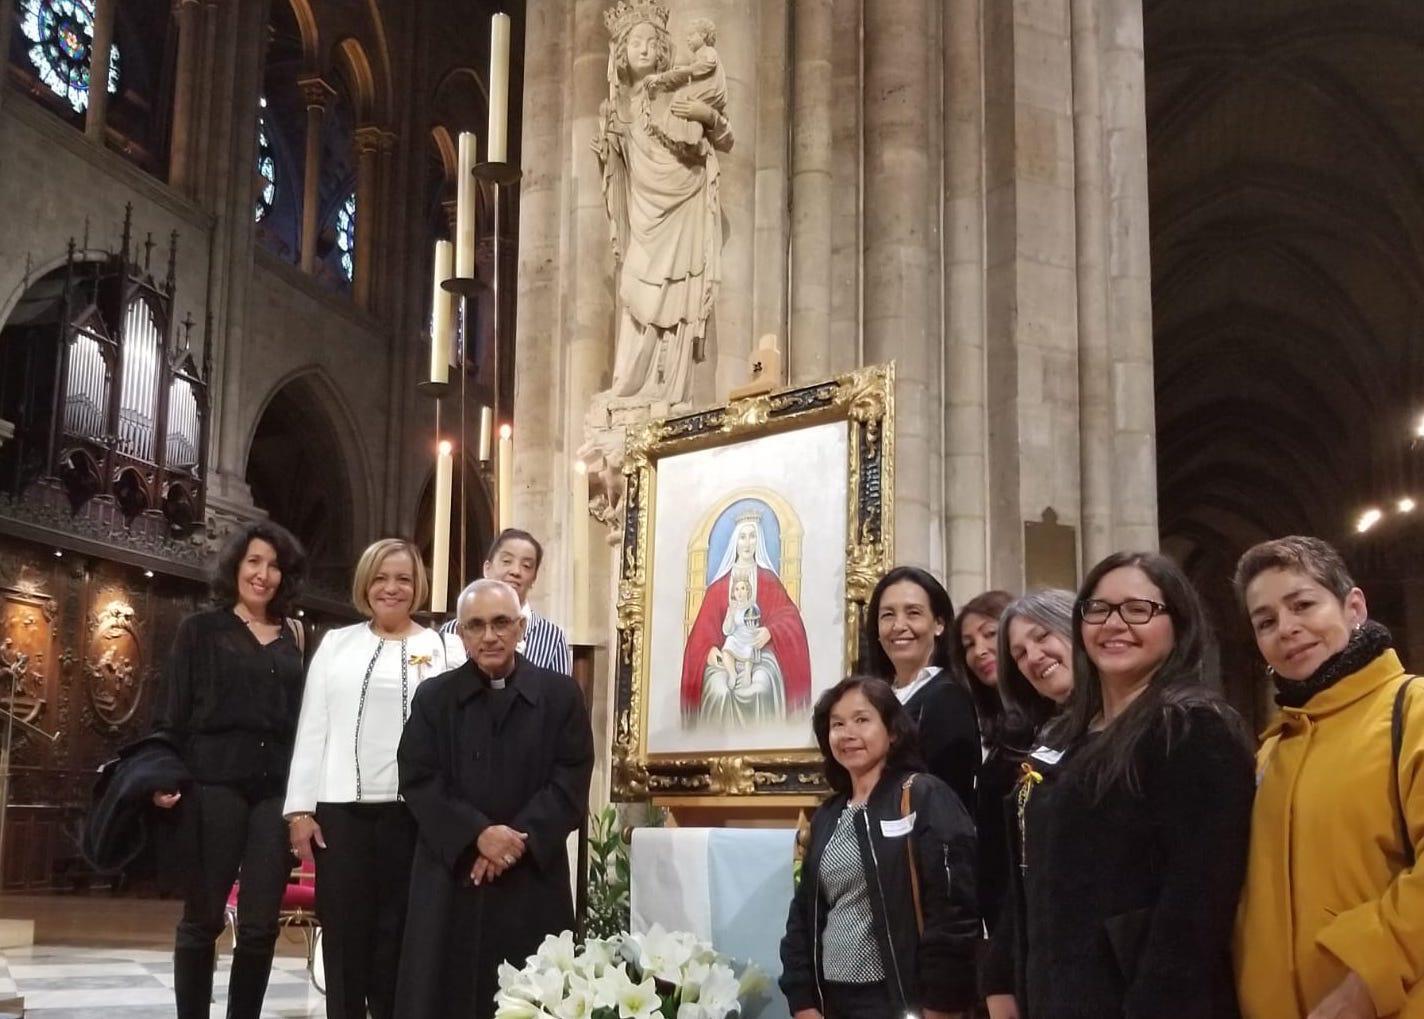 Elvia Martínez y parte del equipo de la asociación católica venezolana Amar y Servir que hicieron posible poner el ícono de la virgen venezolana en Notre-Dame de París